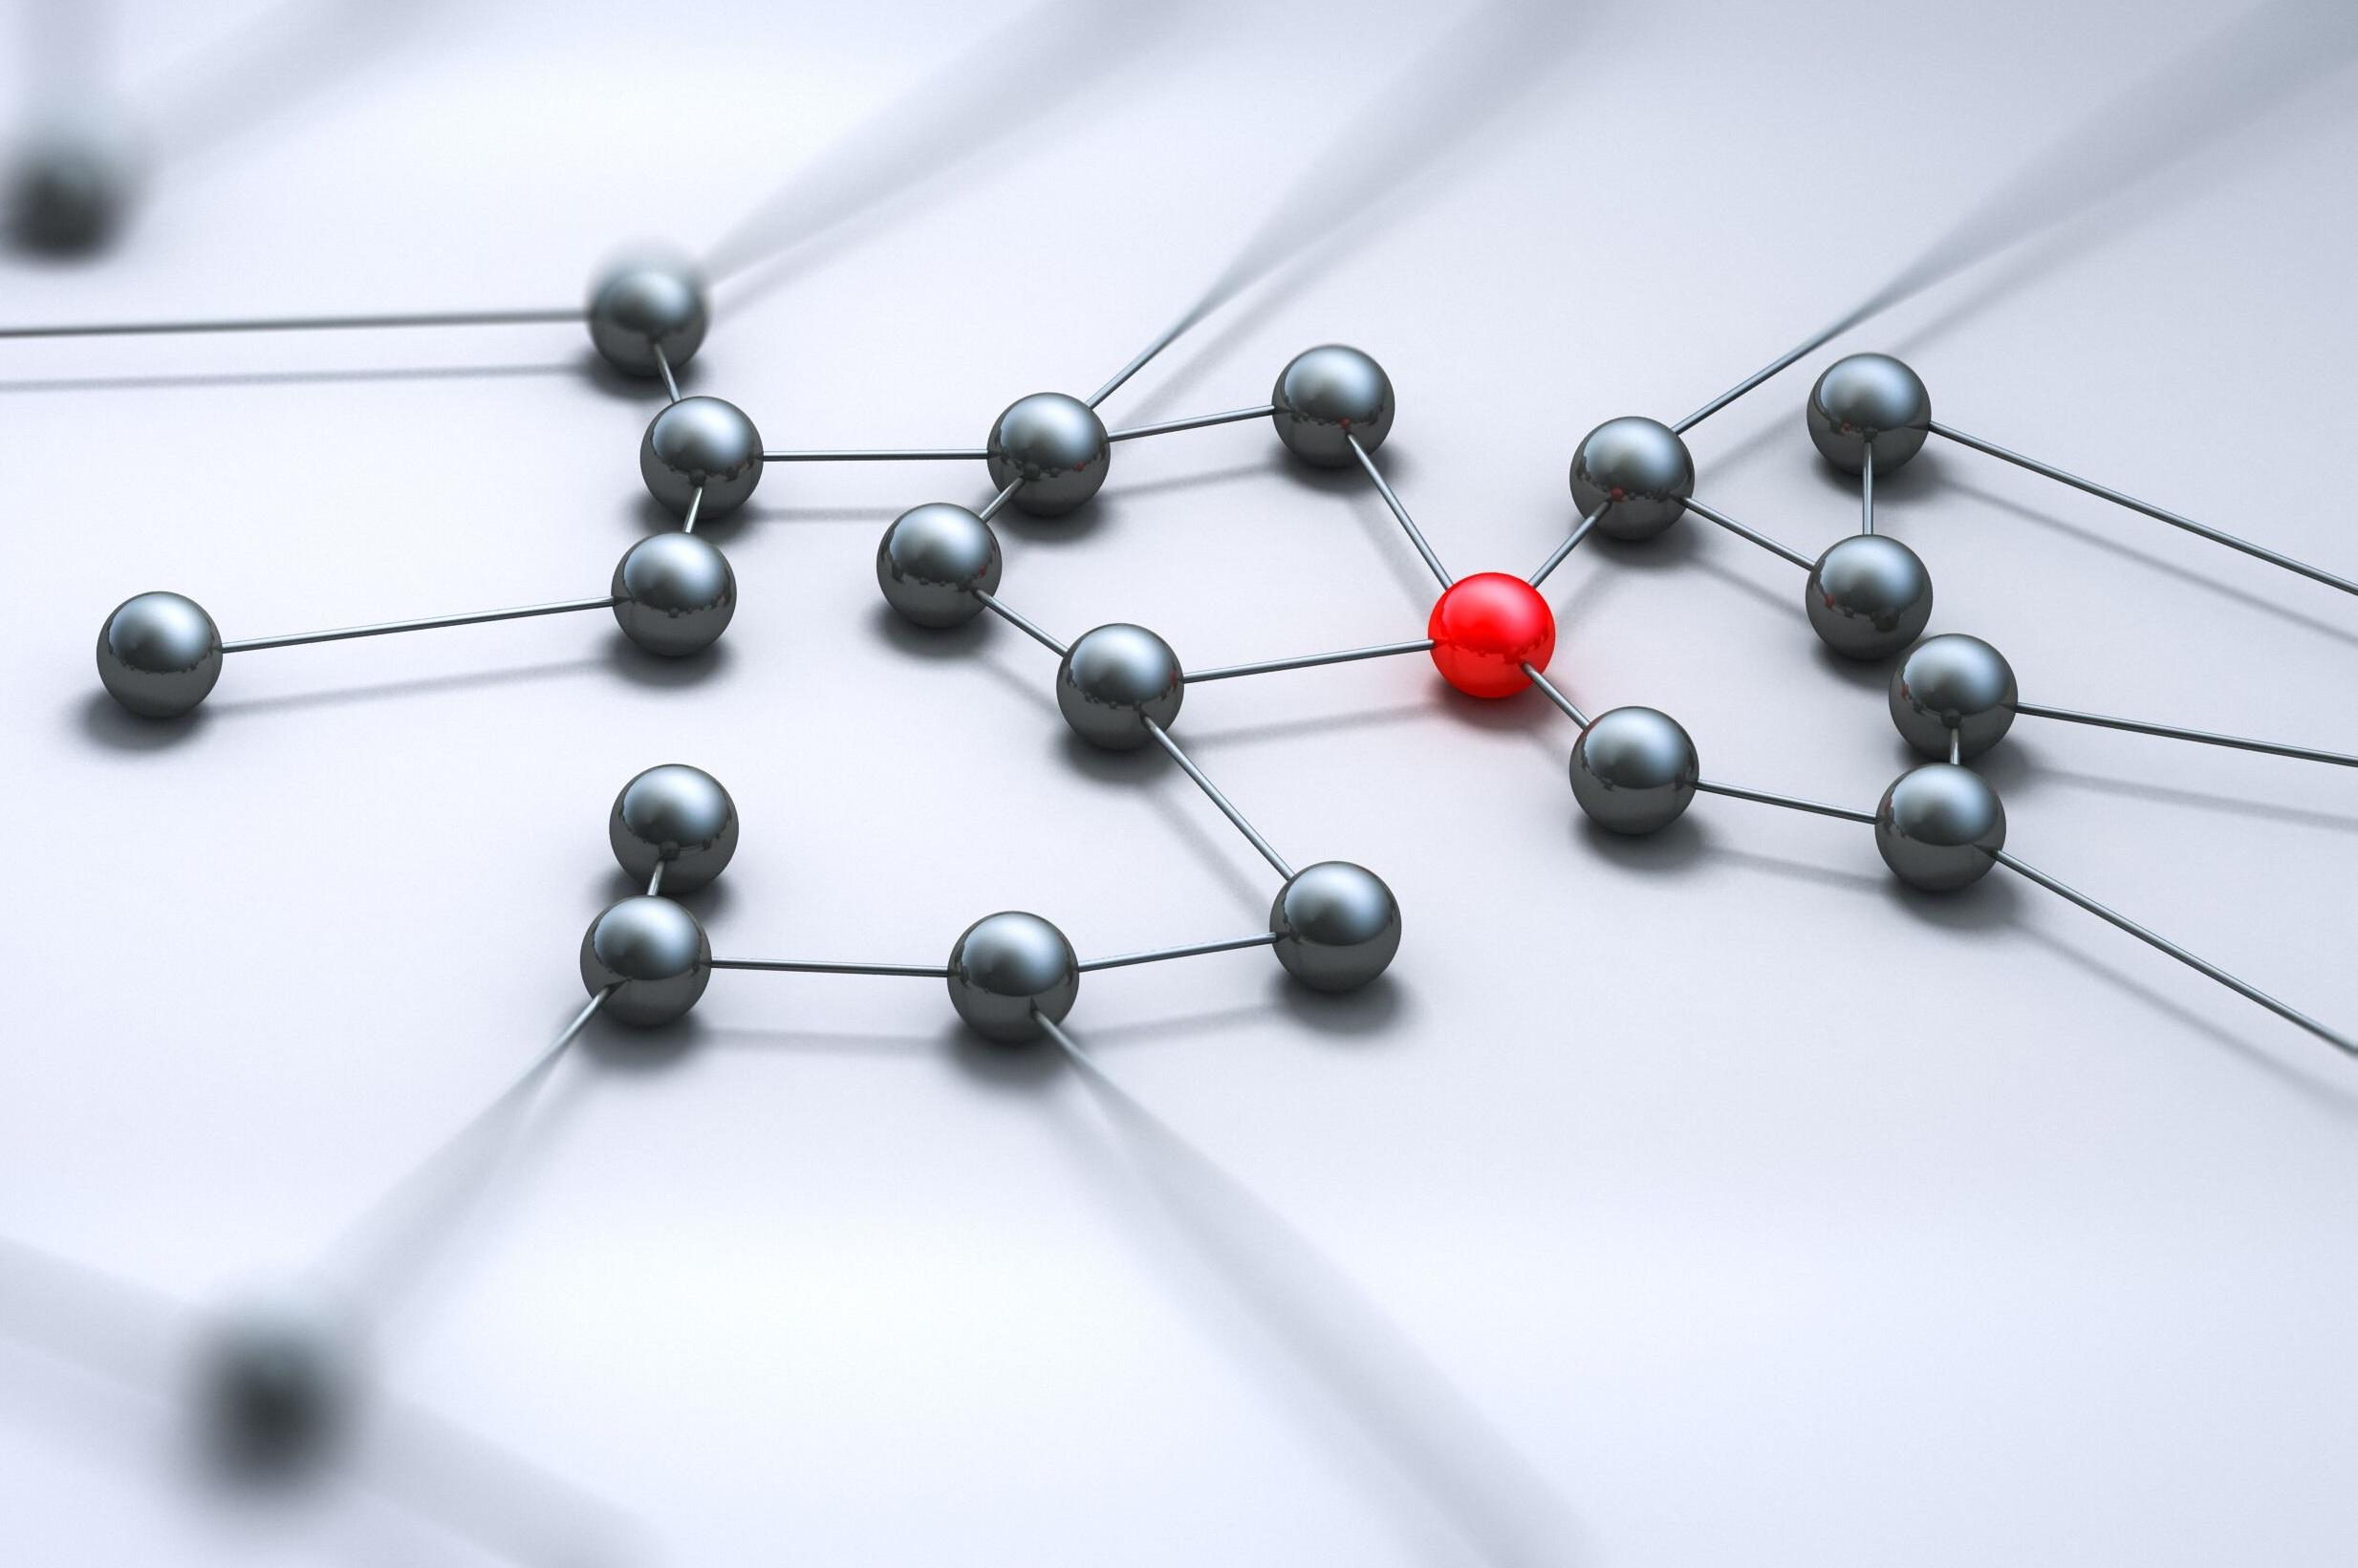 Logiciel de gestion de projet en ligne : Quels avantages ?